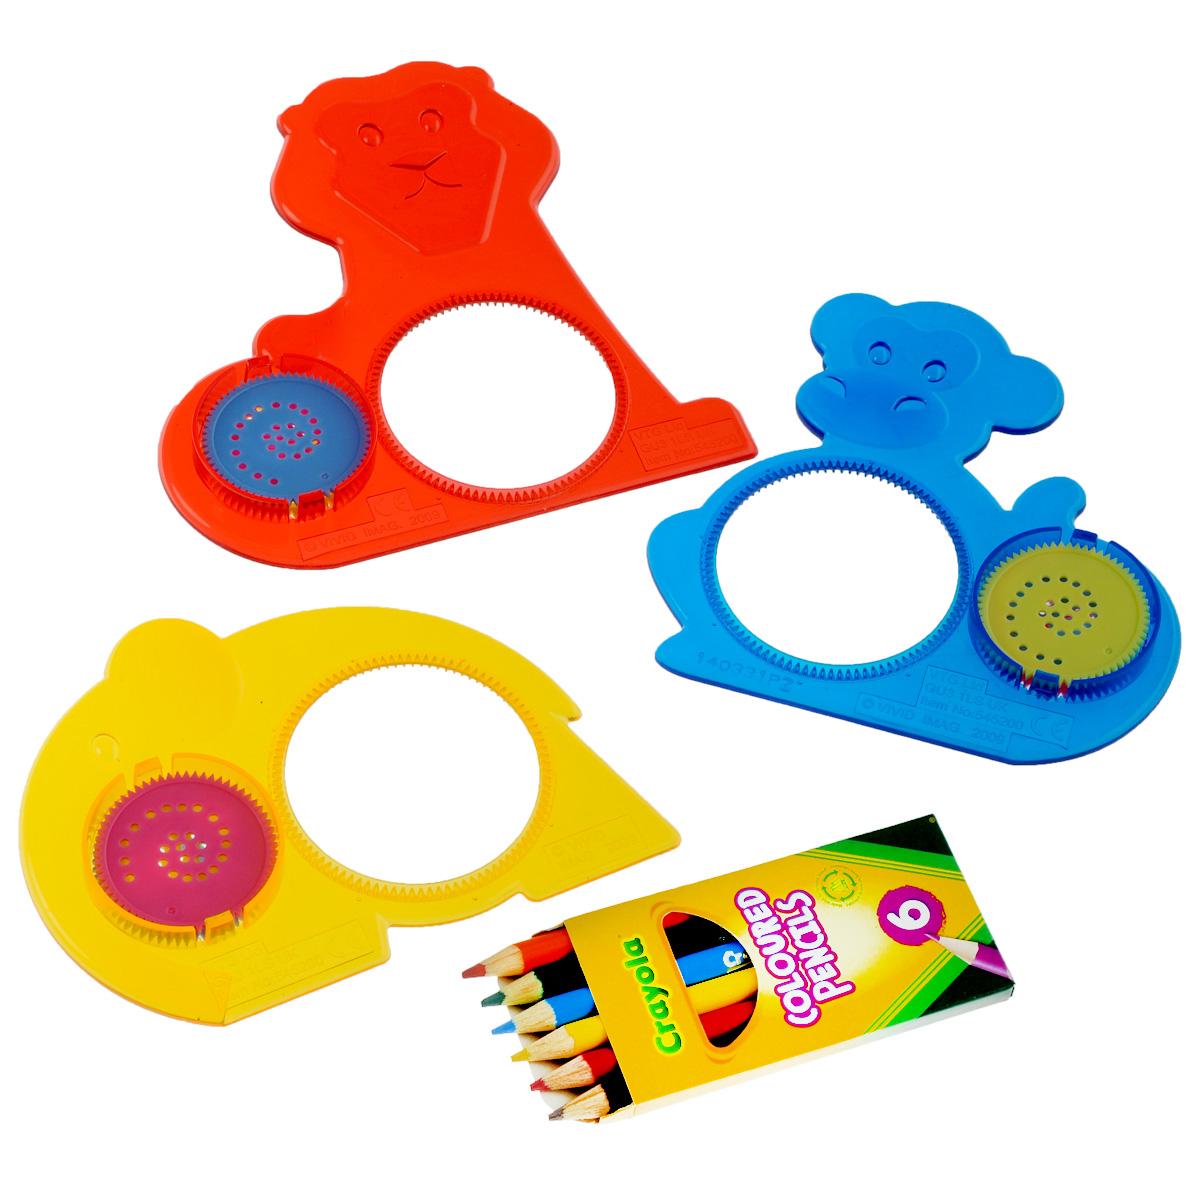 Набор трафаретов Crayola Животный мир, с карандашами5452Набор для творчества станет отличным подарком для четырехлетнего малыша. Внутри красивой коробки ребенок найдет три трафарета с наверняка известными ему животными – обезьяной, слоном и собакой. Каждый трафарет содержит три диска. Кроме того, в наборе имеются яркие карандаши, рисовать которыми легко – толщина карандаша выбрана с учетом размера маленькой ручки. Если вы сразу не разберетесь, как именно использовать набор, стоит обратиться к инструкции – она поможет вам создать шедевры, которые займут достойное место на стене или на столе ваших родителей.